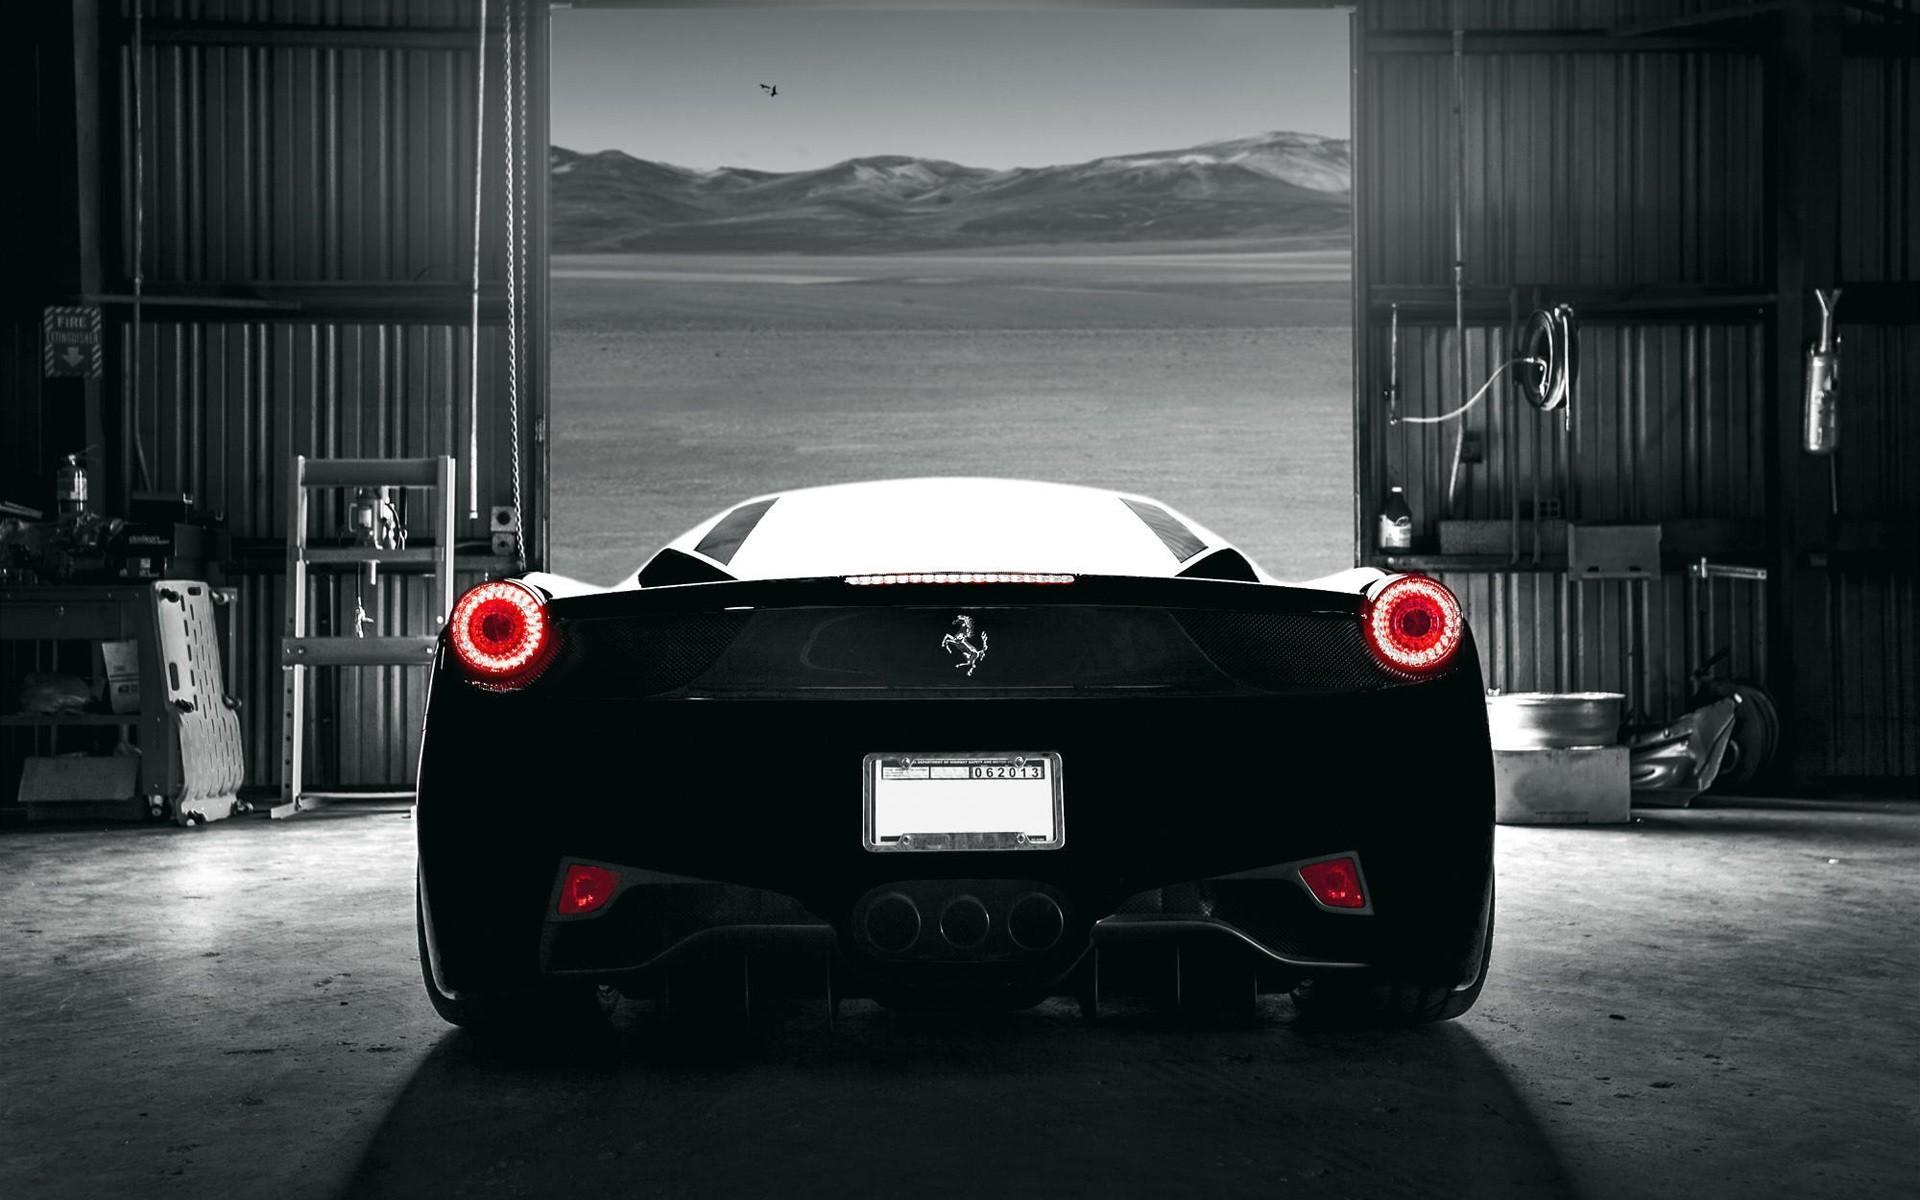 2018 Ferrari 458 Italia Wallpaper 77 Images